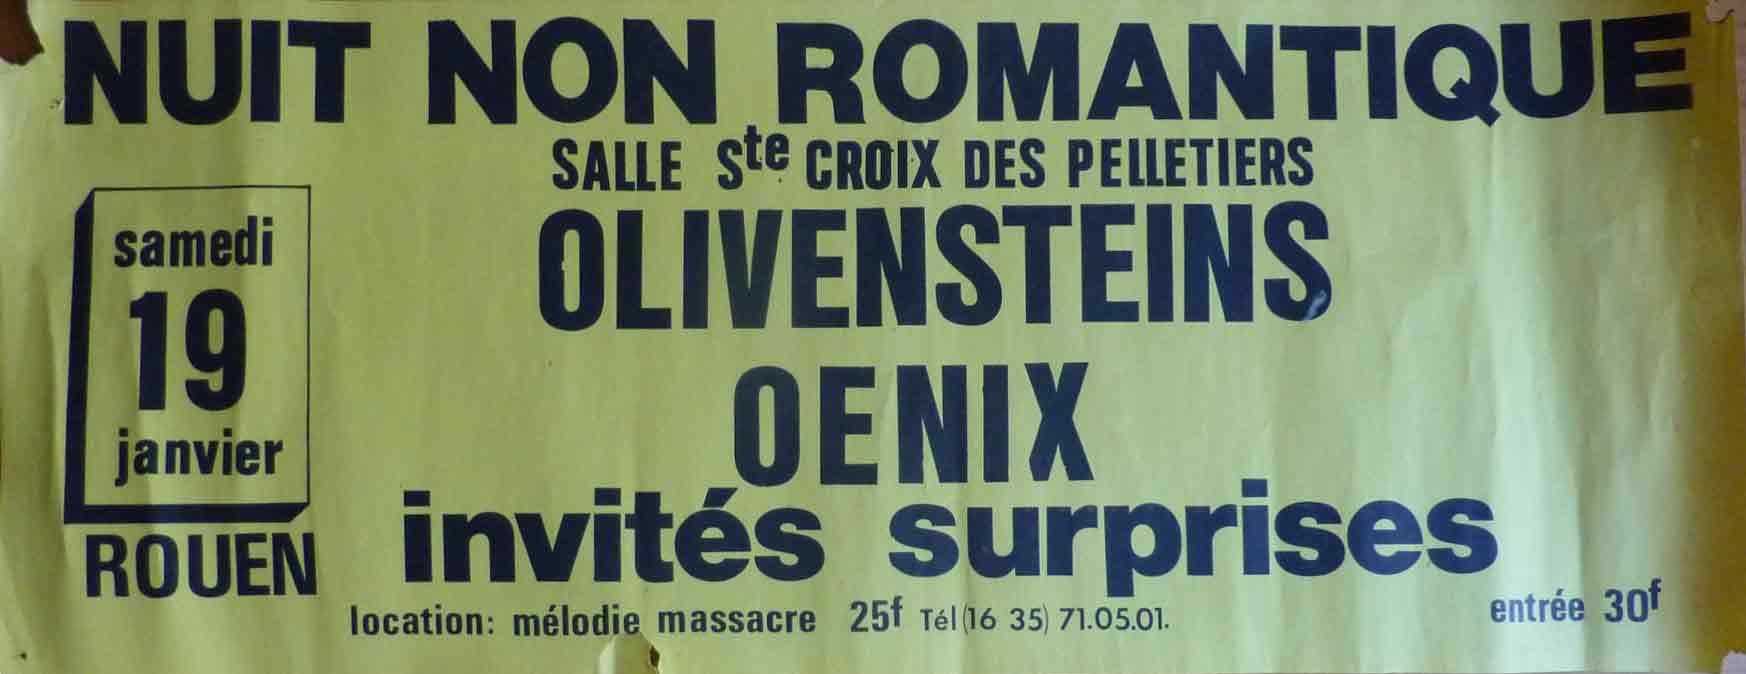 """19 janvier 1980 Olivenstein, Oenix à Rouen """"Salle Sainte Croix des Pelletiers"""""""